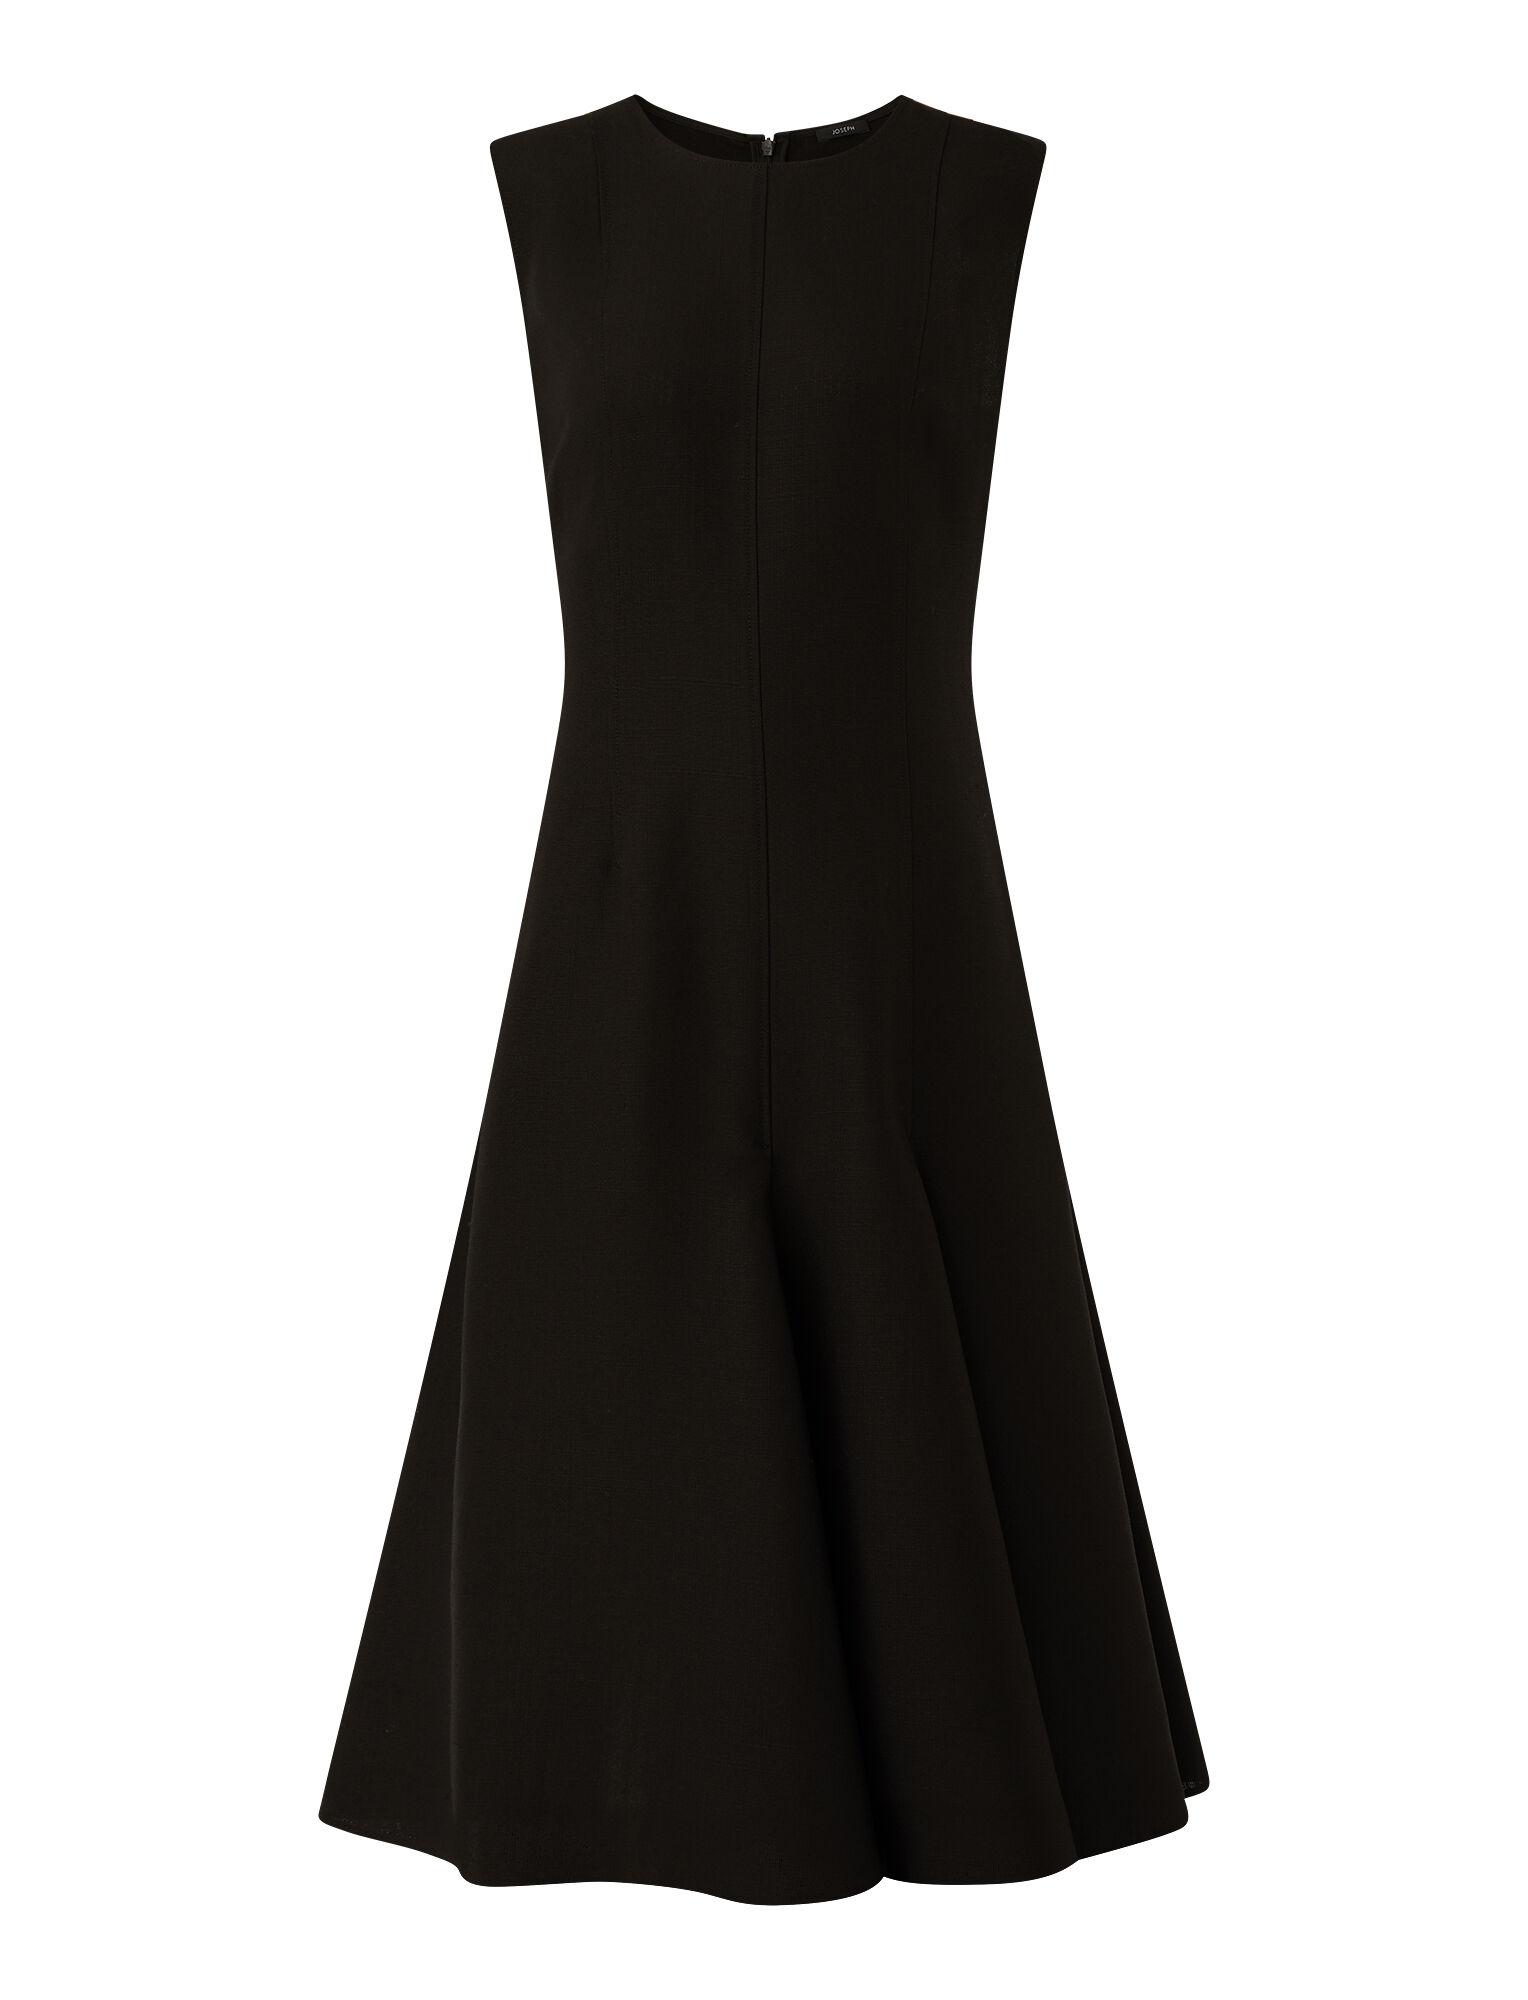 Joseph, Shantung Fowley Dress, in BLACK